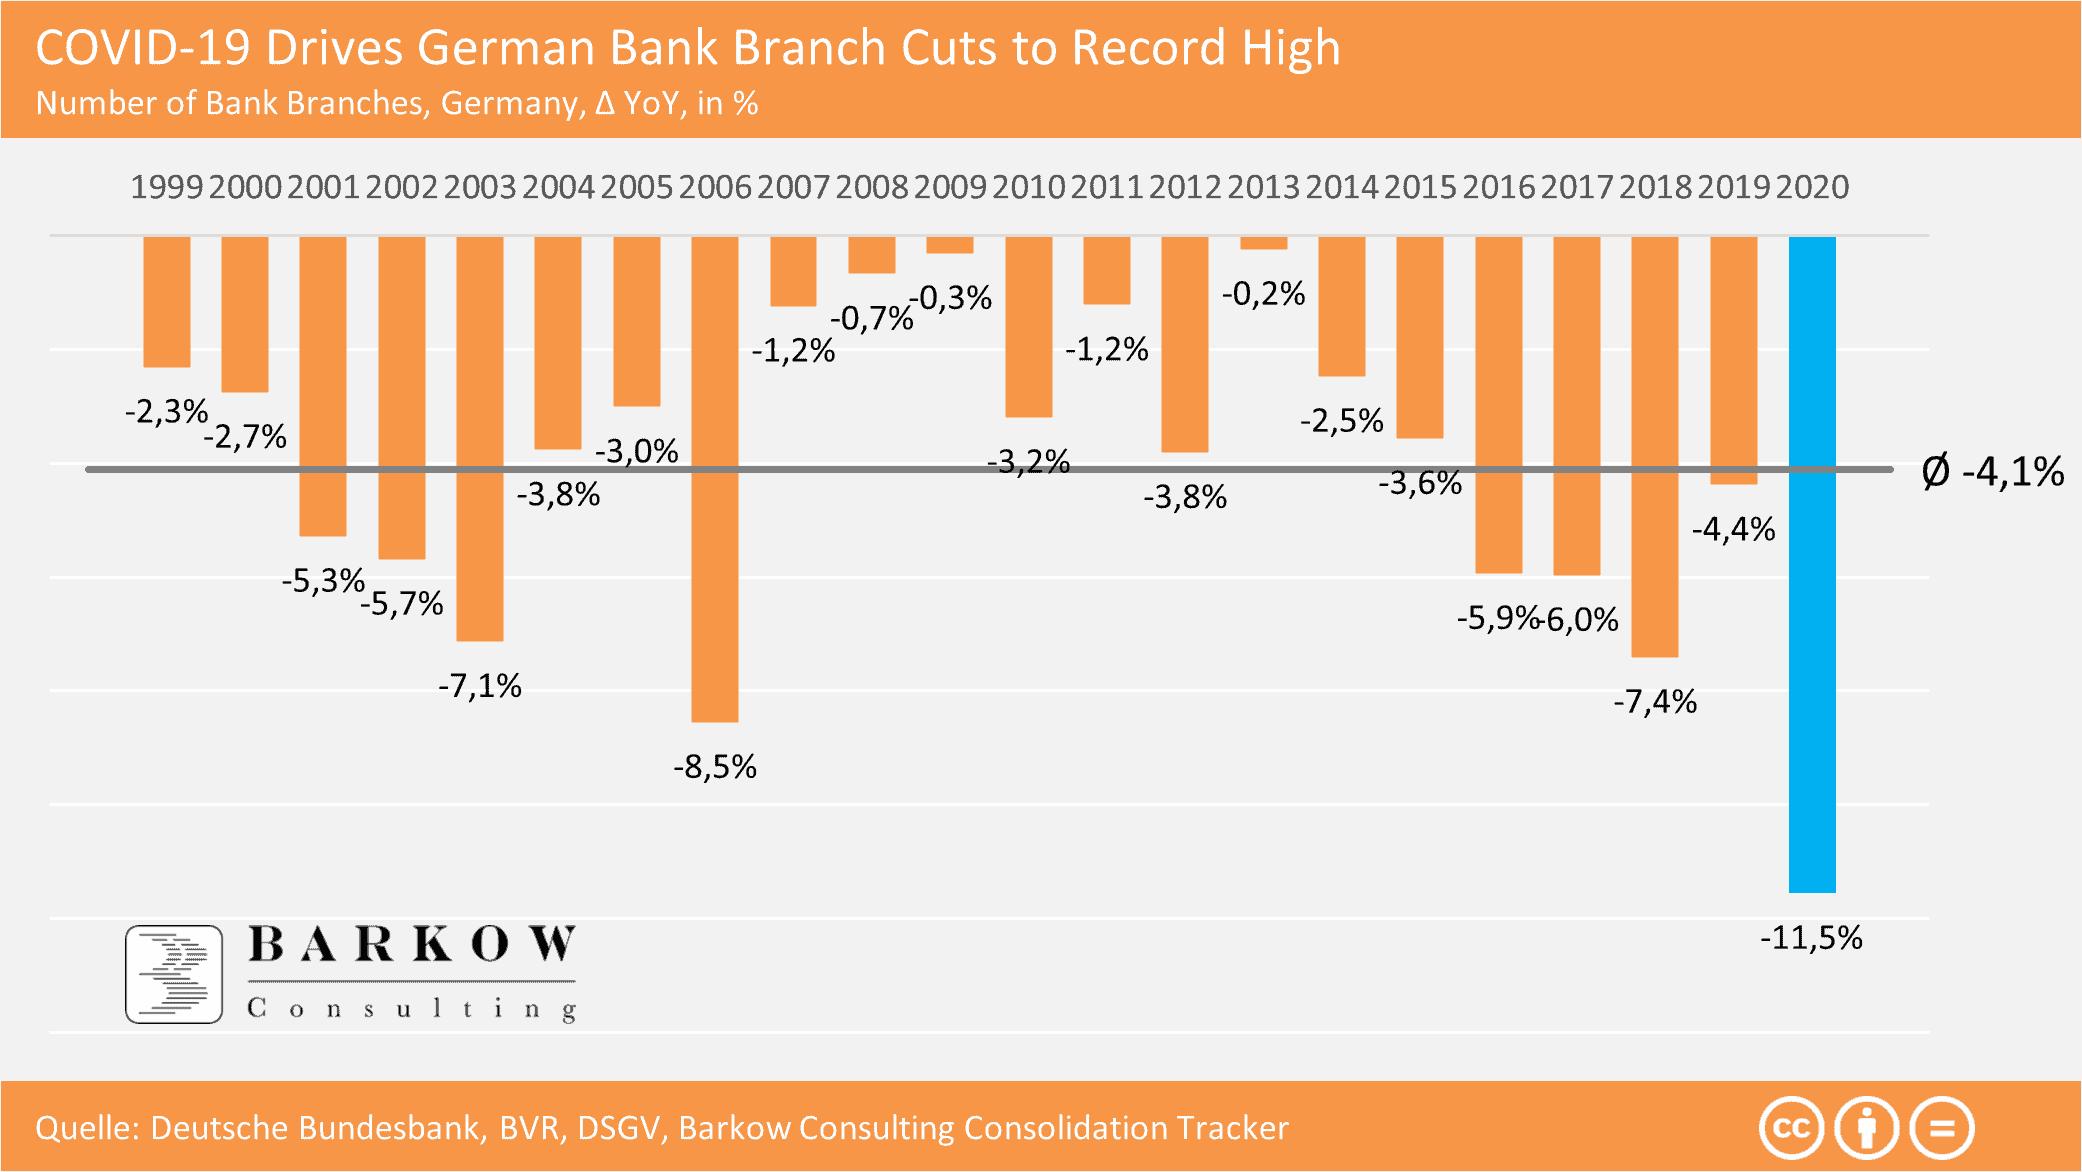 """Weniger Zweigstellen : Laut Barkow Consulting, sei das Ergebnis der Deutsche Bundesbank zur """"Bankstellenentwicklung im Jahr 2020"""" ein Rekordrückgang an Bankfilialen. Mit minus 11,5% ggü. Vorjahr ist er sogar noch stärker ausgefallen, als es die bereits publizierten Daten für Sparkassen und Volksbanken indiziert haben. Dies lag entsprechend am einen Rekord-Filialabbau von 21,8% der Privatbanken.<q>Barcow Consulting"""